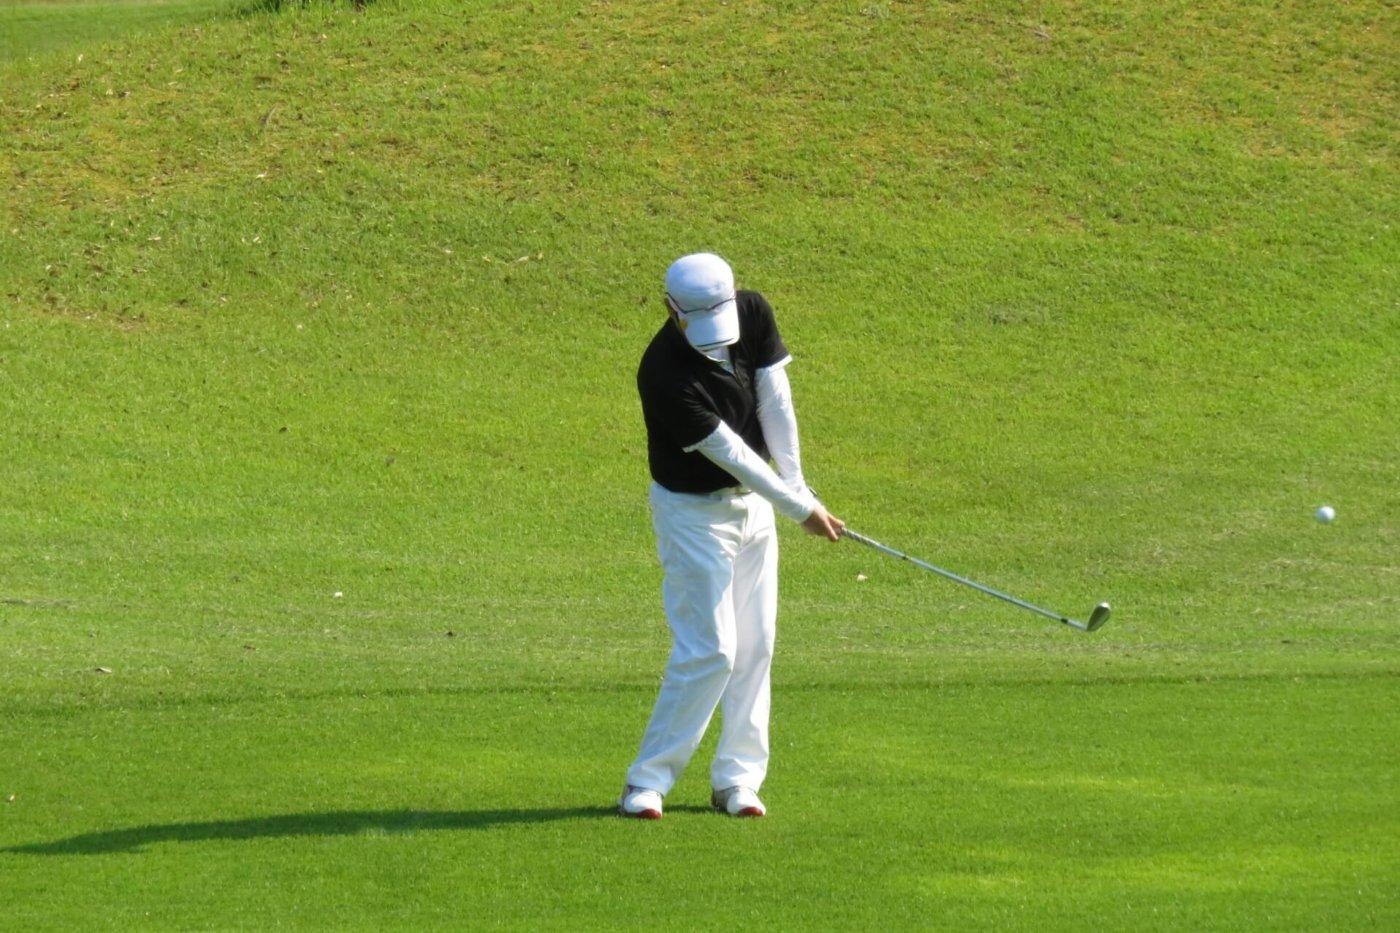 ゴルフの上達に利用できる?古武術ゴルフとは?